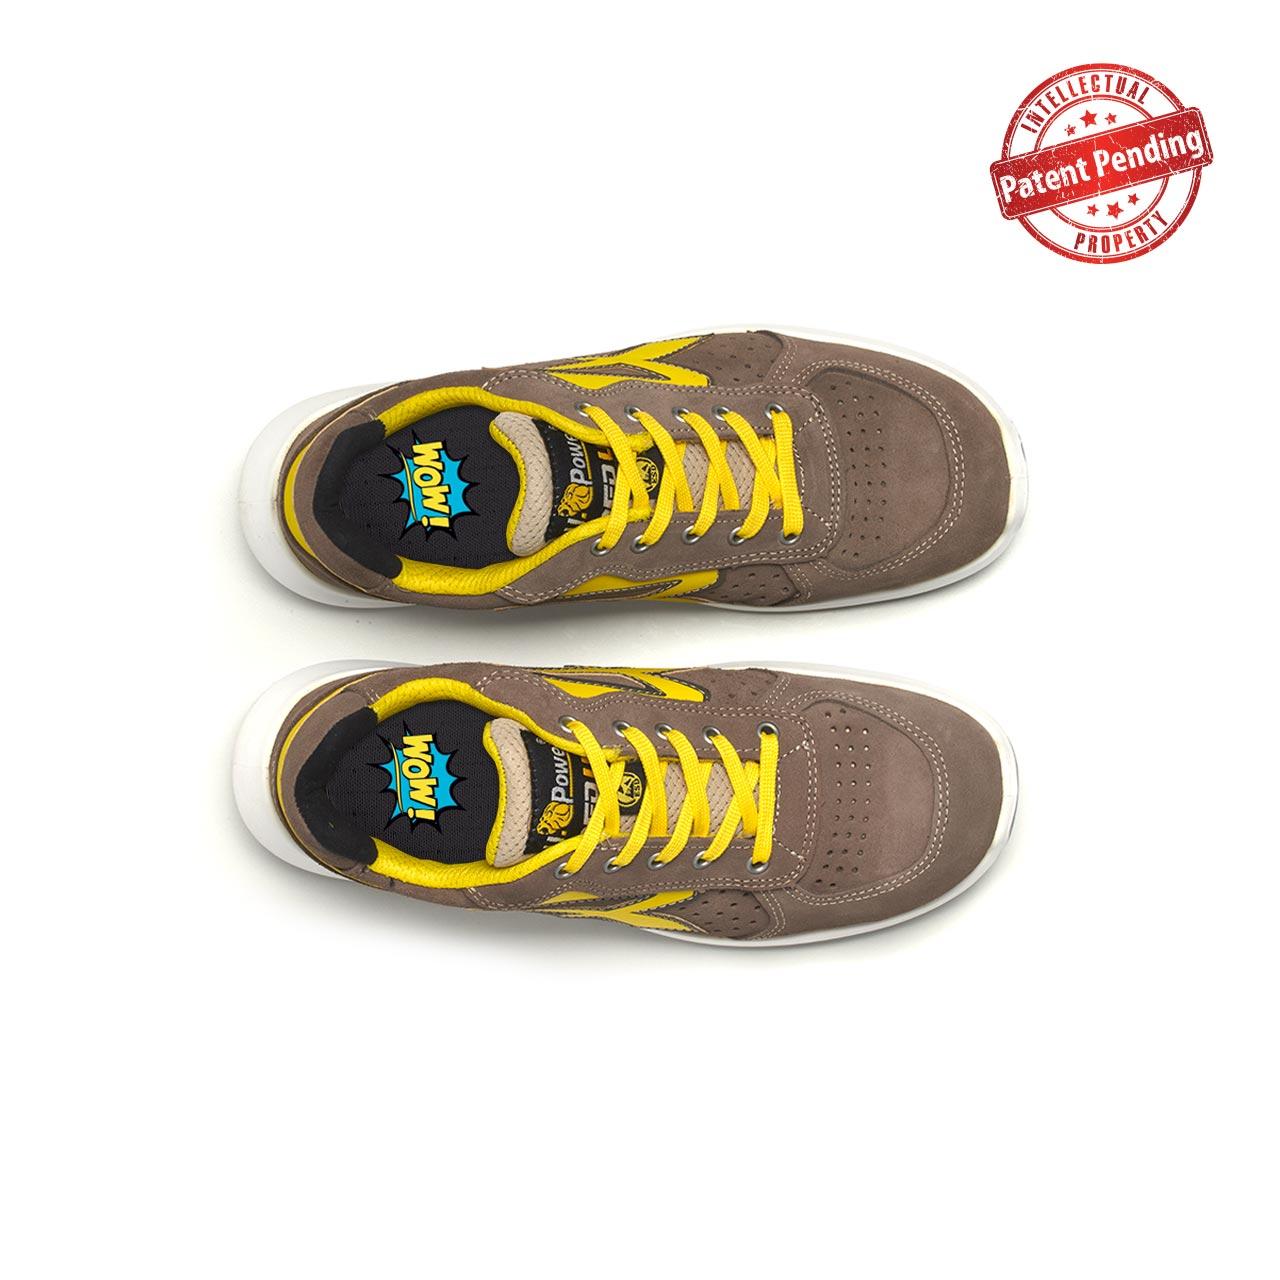 paio di scarpe antinfortunistiche upower modello dorado linea redup vista top